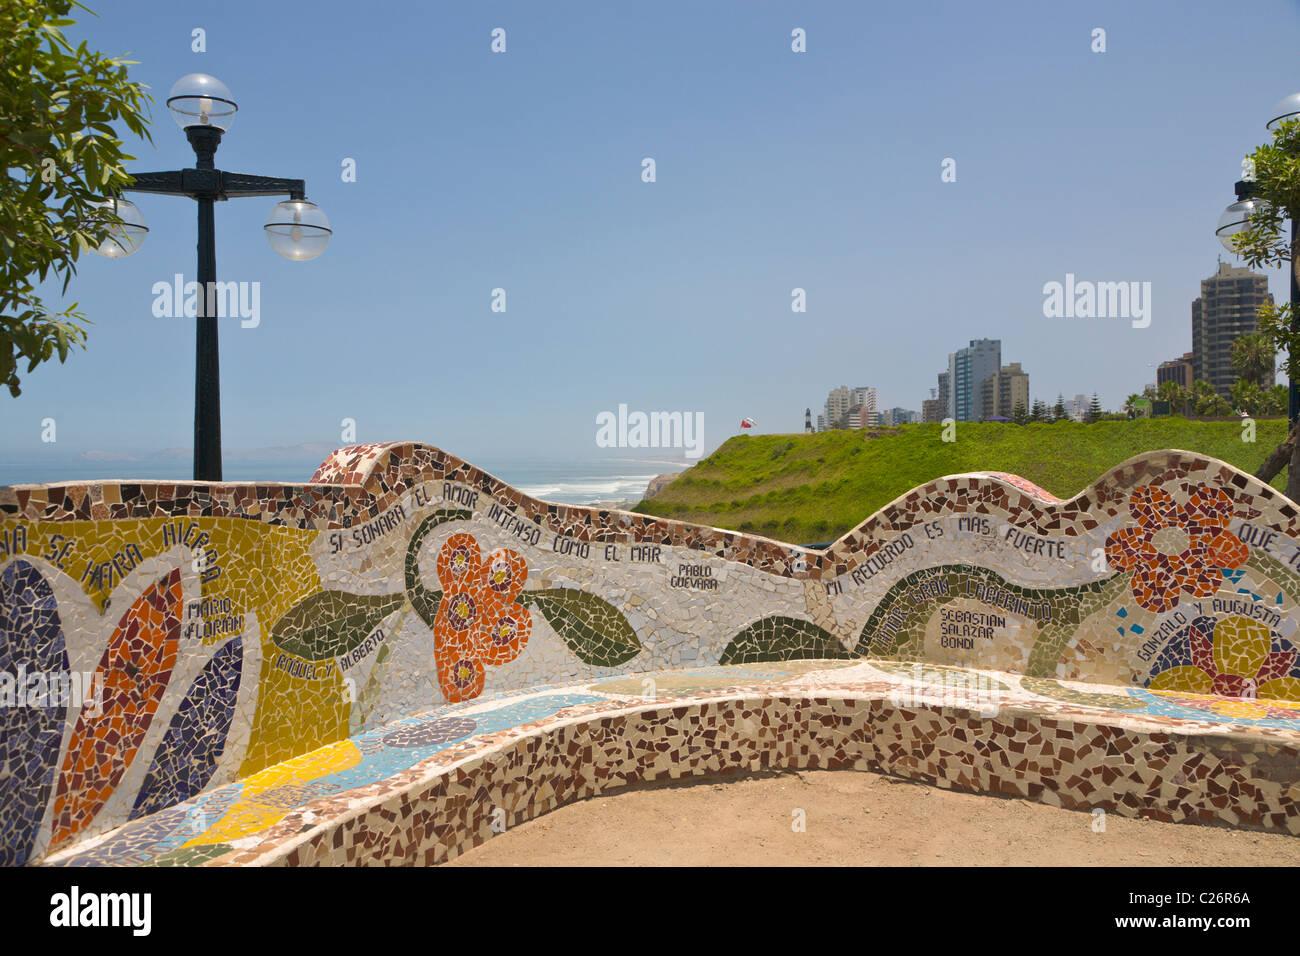 Parque del Amor, Miraflores, Lima, Perú. Imagen De Stock